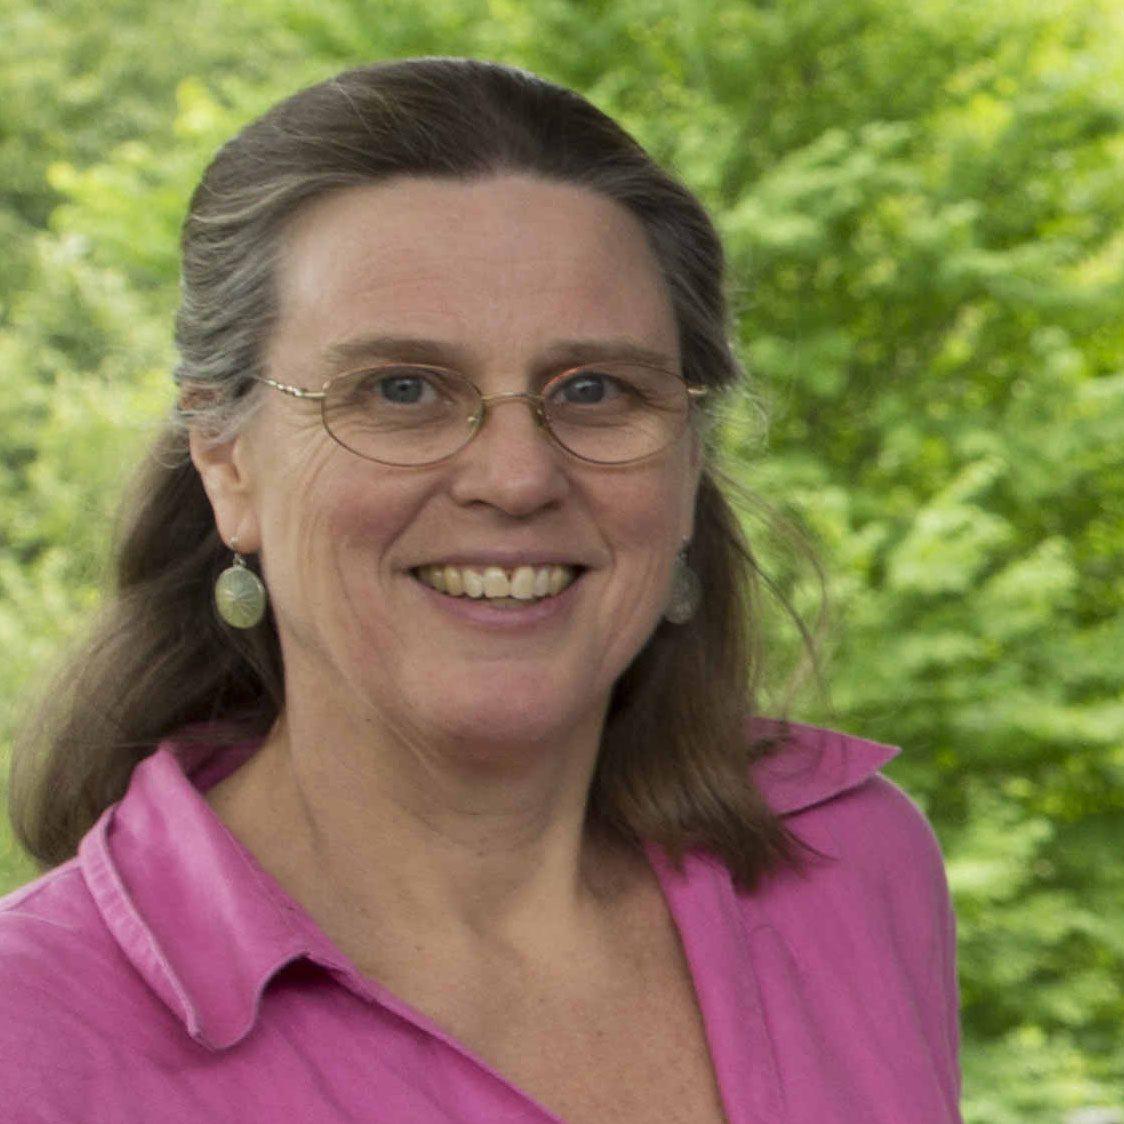 Monica Green